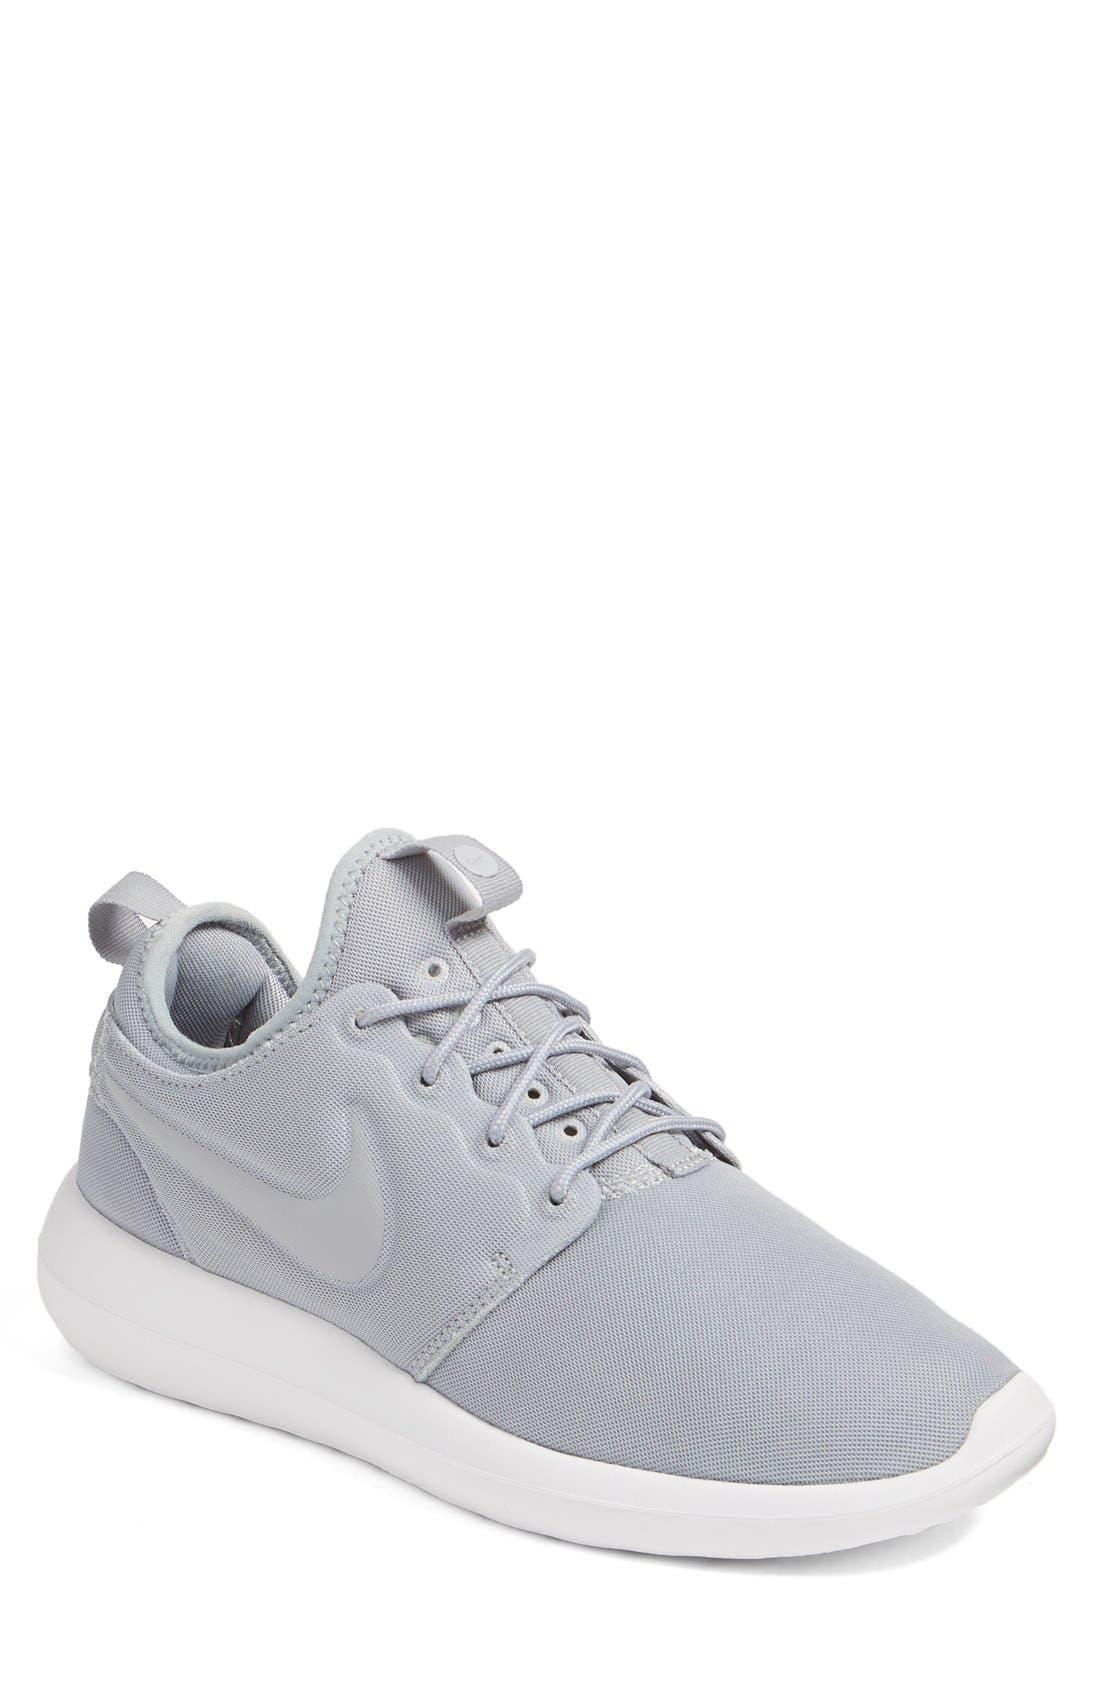 Alternate Image 1 Selected - Nike Roshe Two Sneaker (Women)